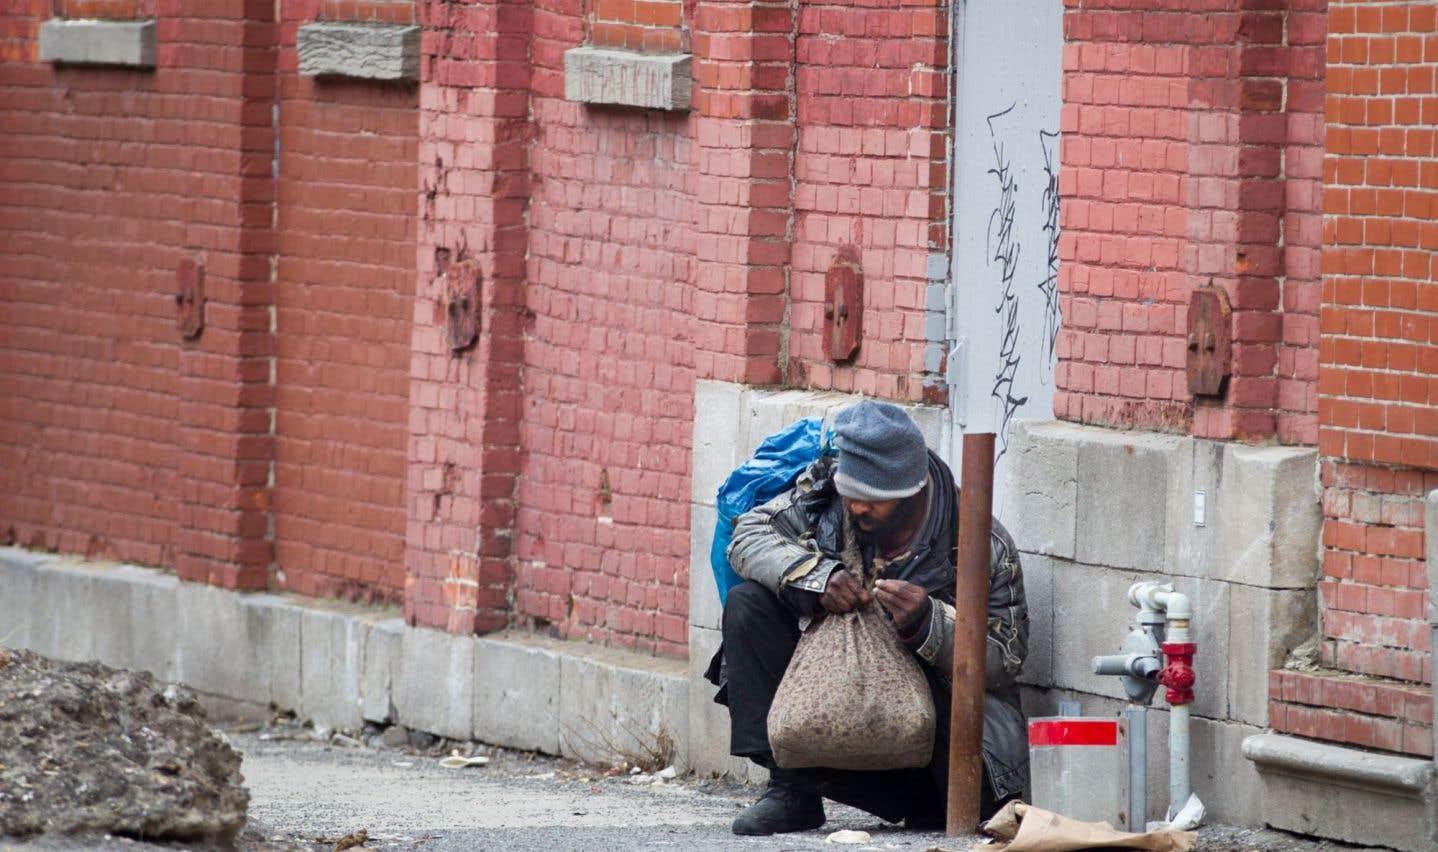 Réforme de l'aide sociale: quel coût pour la santé publique?